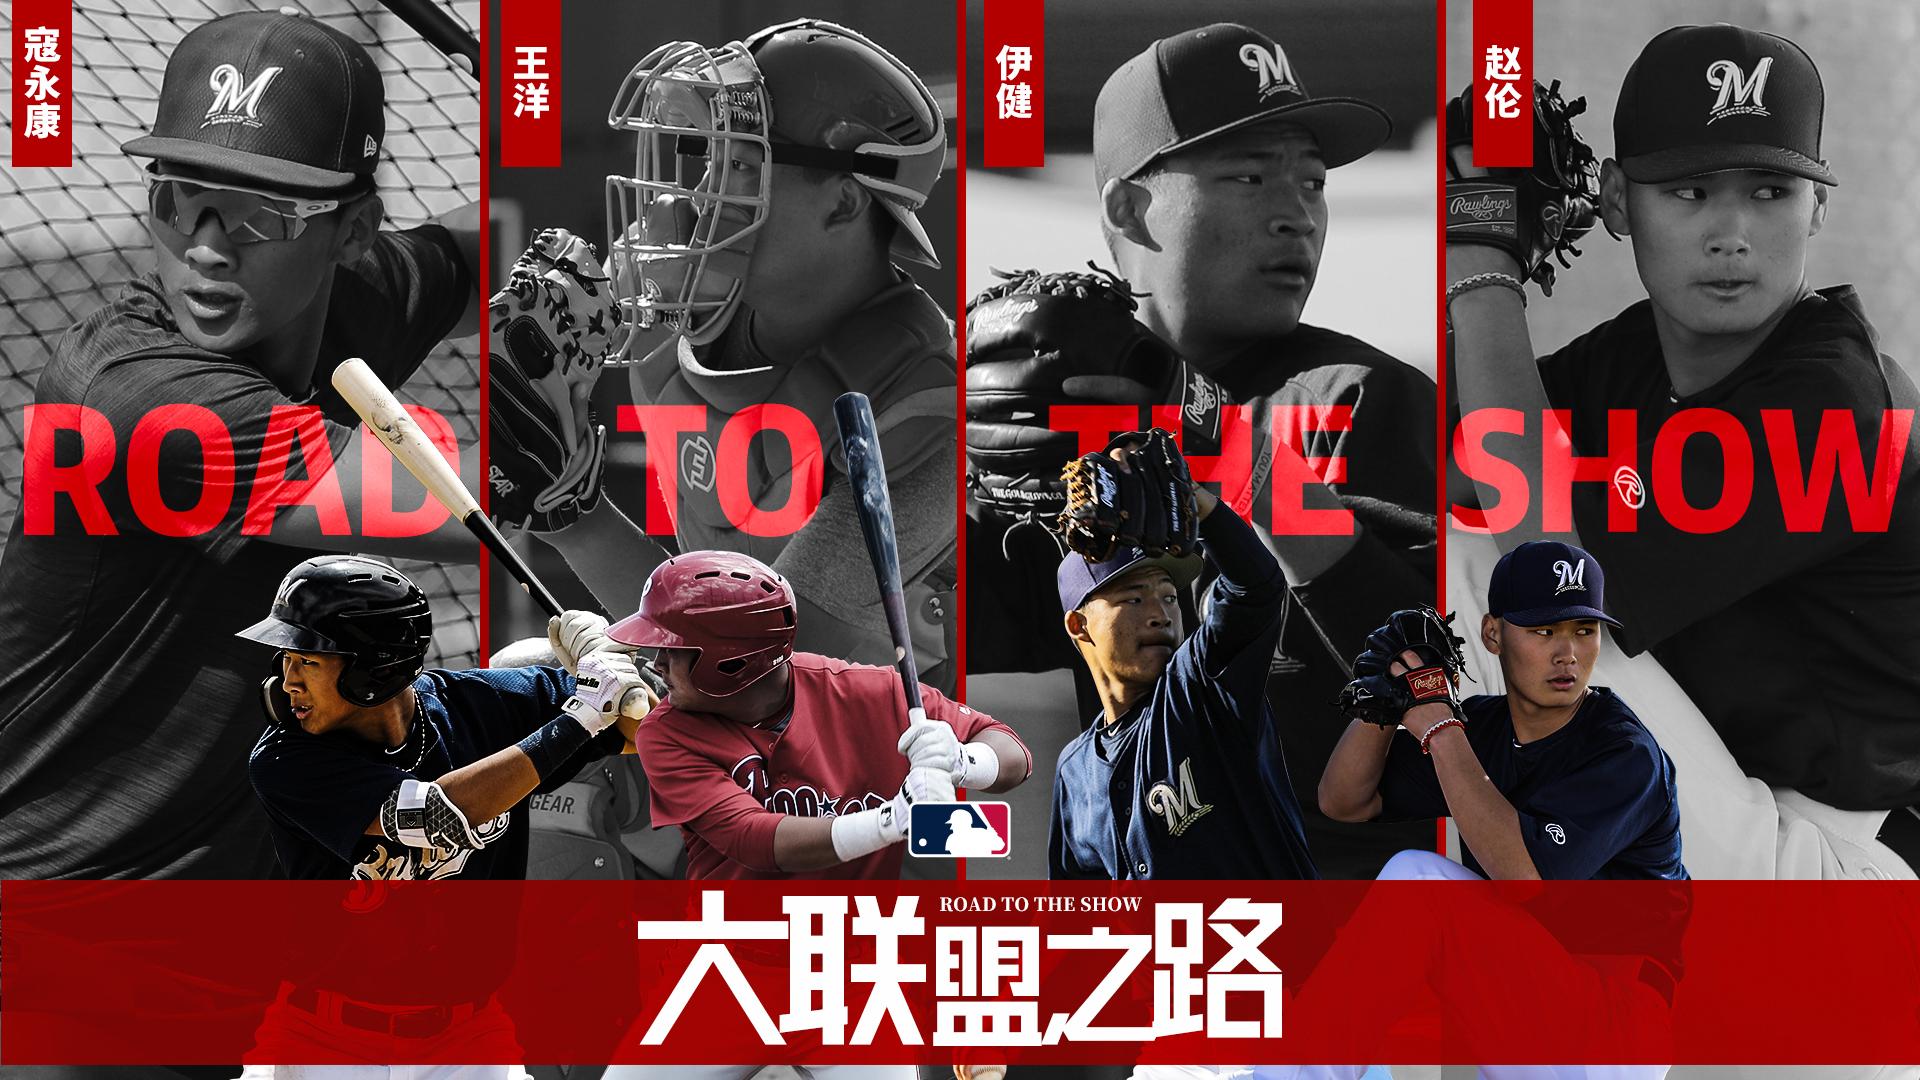 【大联盟之路】伊健:河北小镇青年 走上棒球世界的大舞台_全景MLB